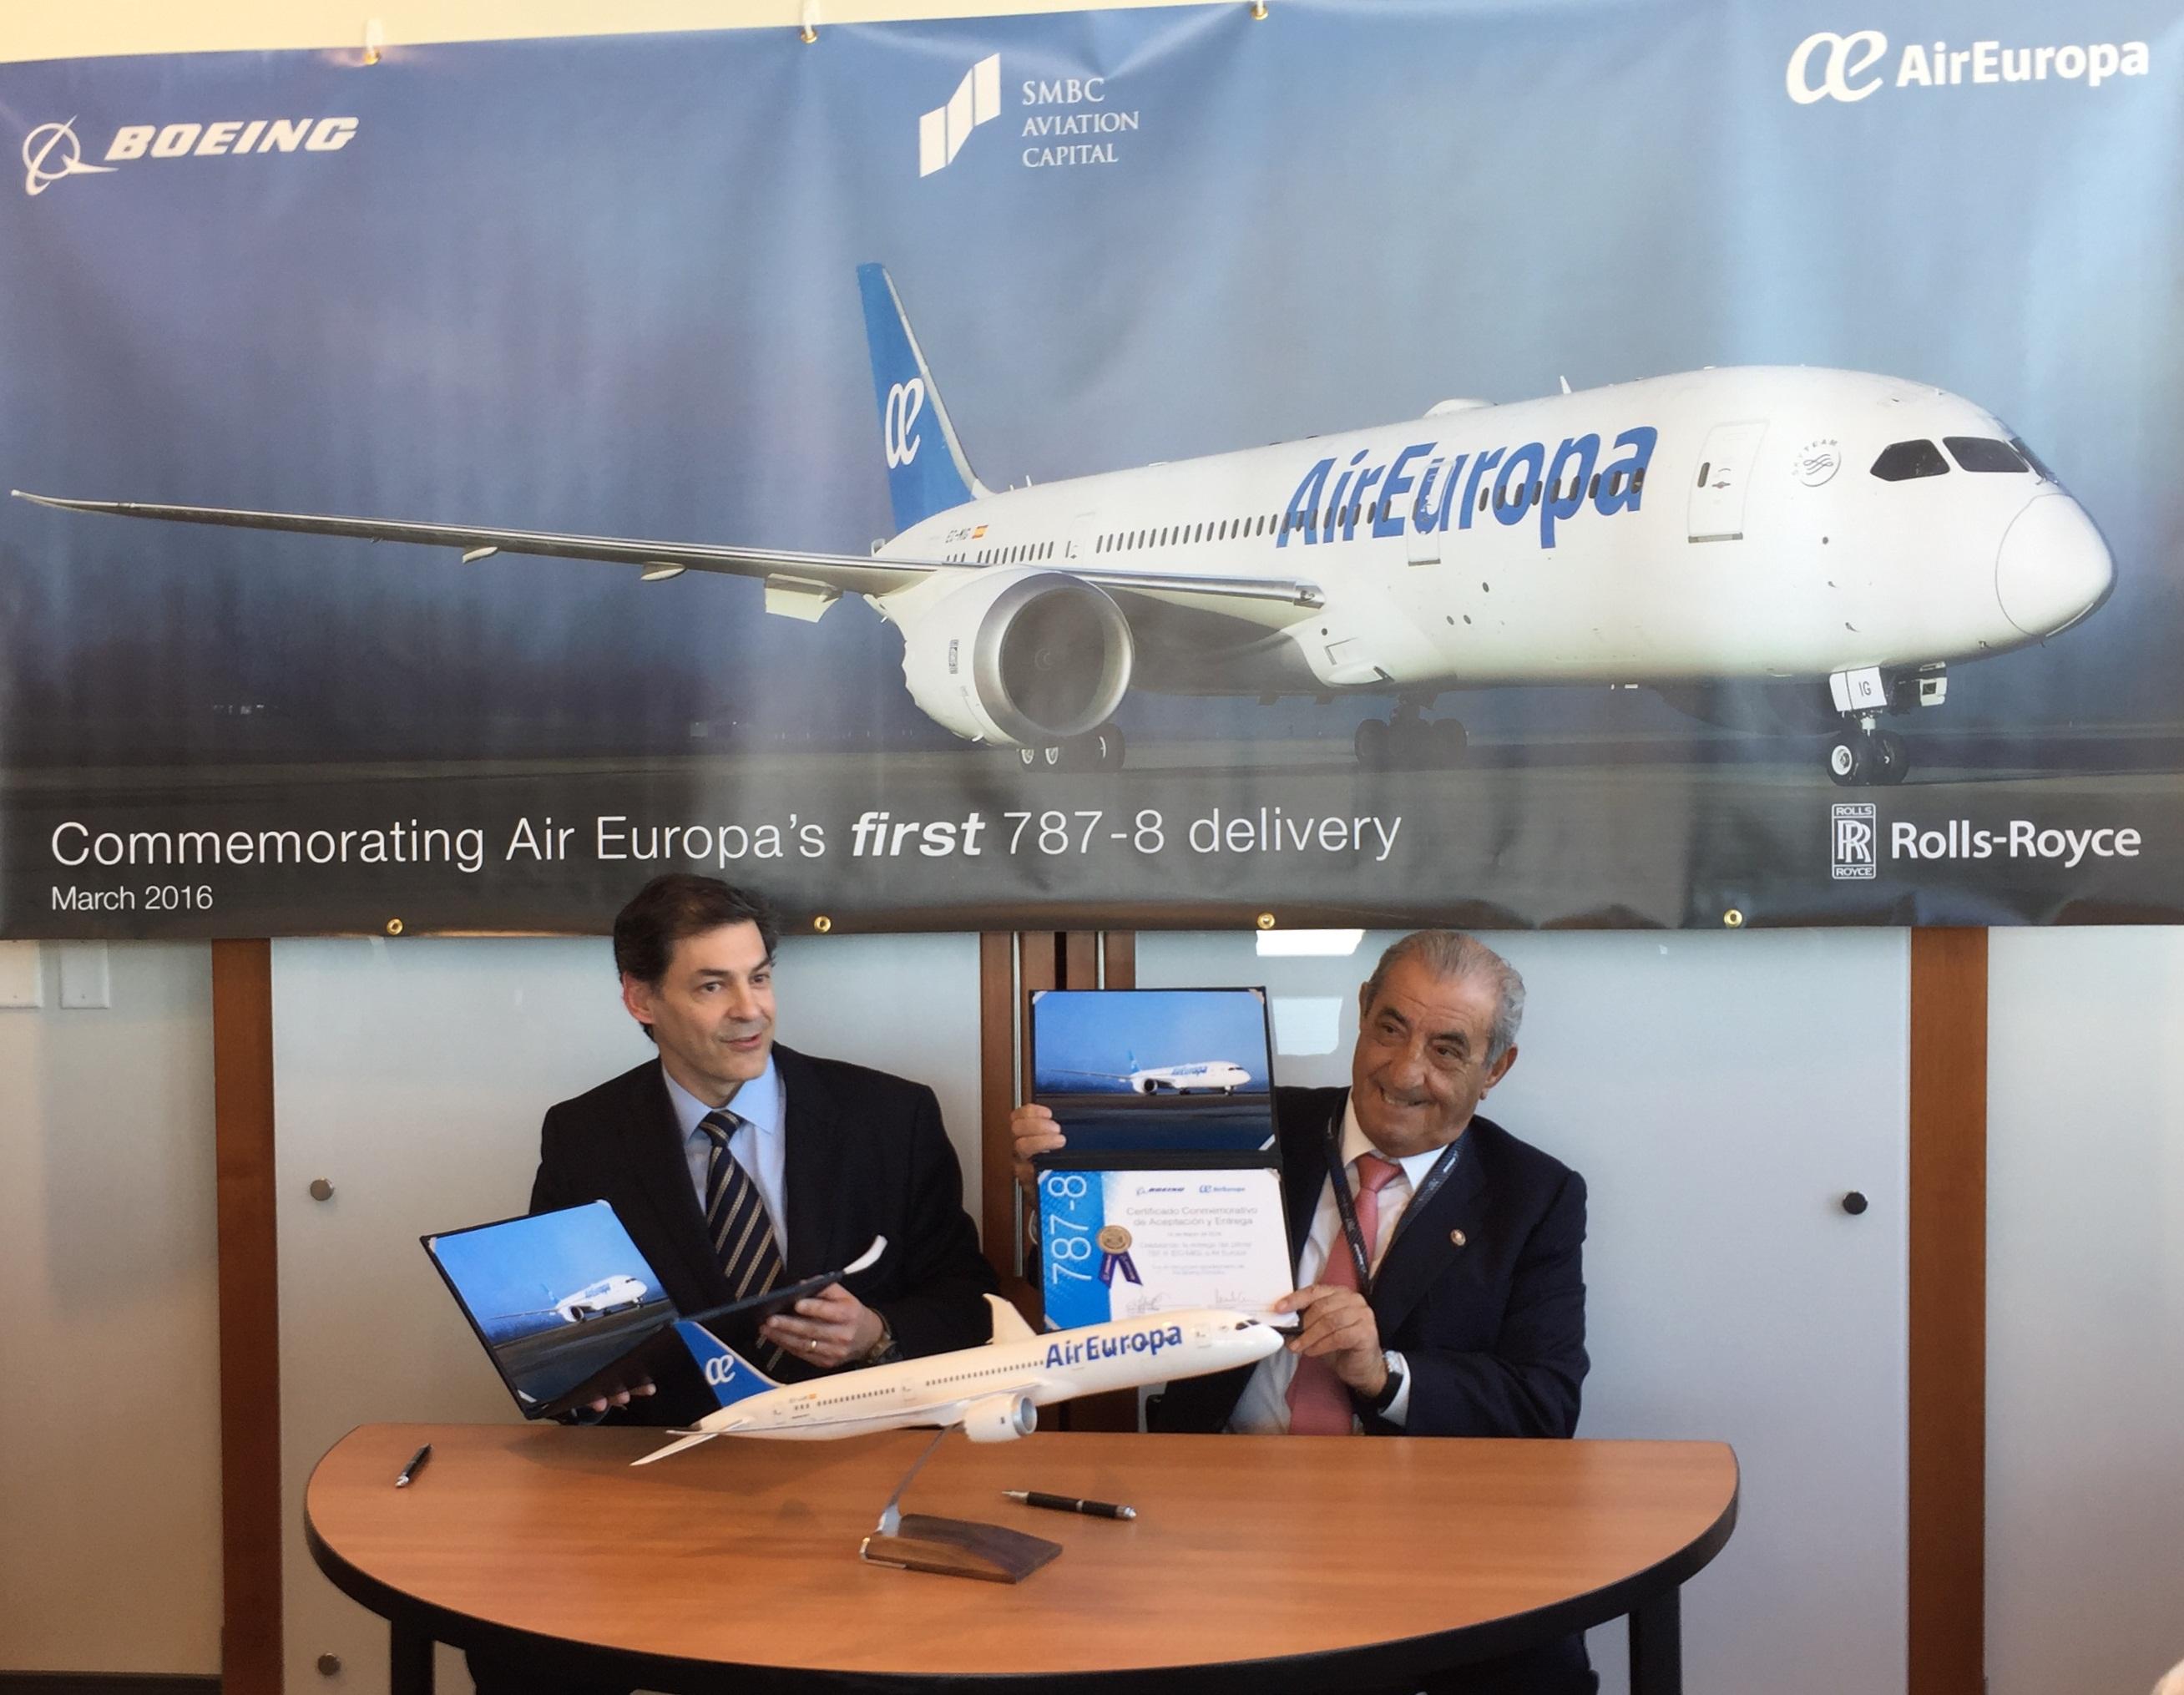 El primer Boeing 787 Dreamliner de Air Europa aterriza en Madrid